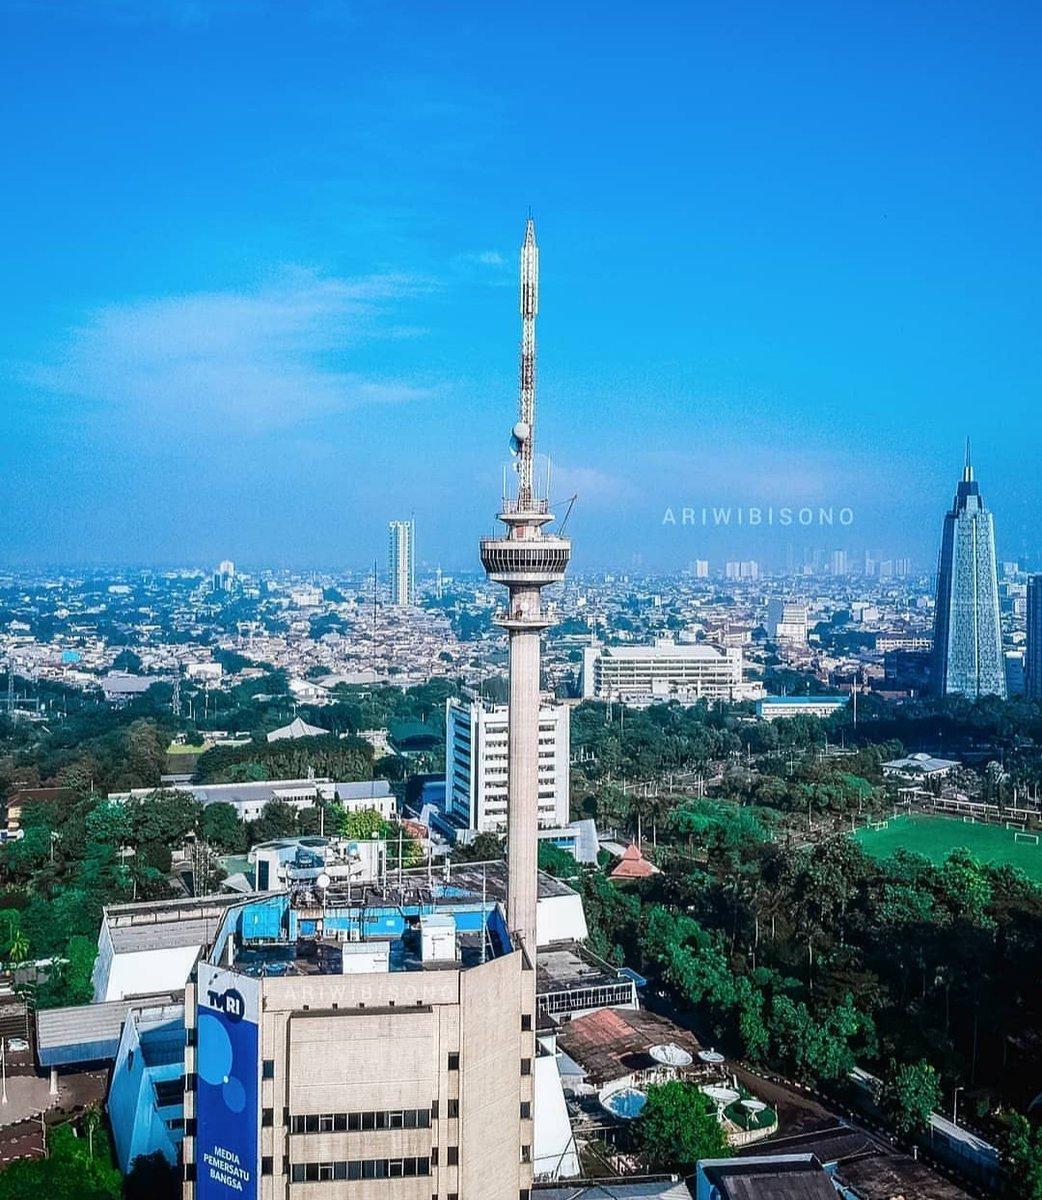 Н——𝗪𝗜𝗞 On Twitter 15 Menara Tvri 1976 1977 Senayan Jakarta Pusat Yodya Karya Rbw Signifikansi Struktur Tertinggi Di Indonesia Yang Mengalahkan Ketinggian Tugu Monas Pada Masa Itu Ketinggian Total 147 5